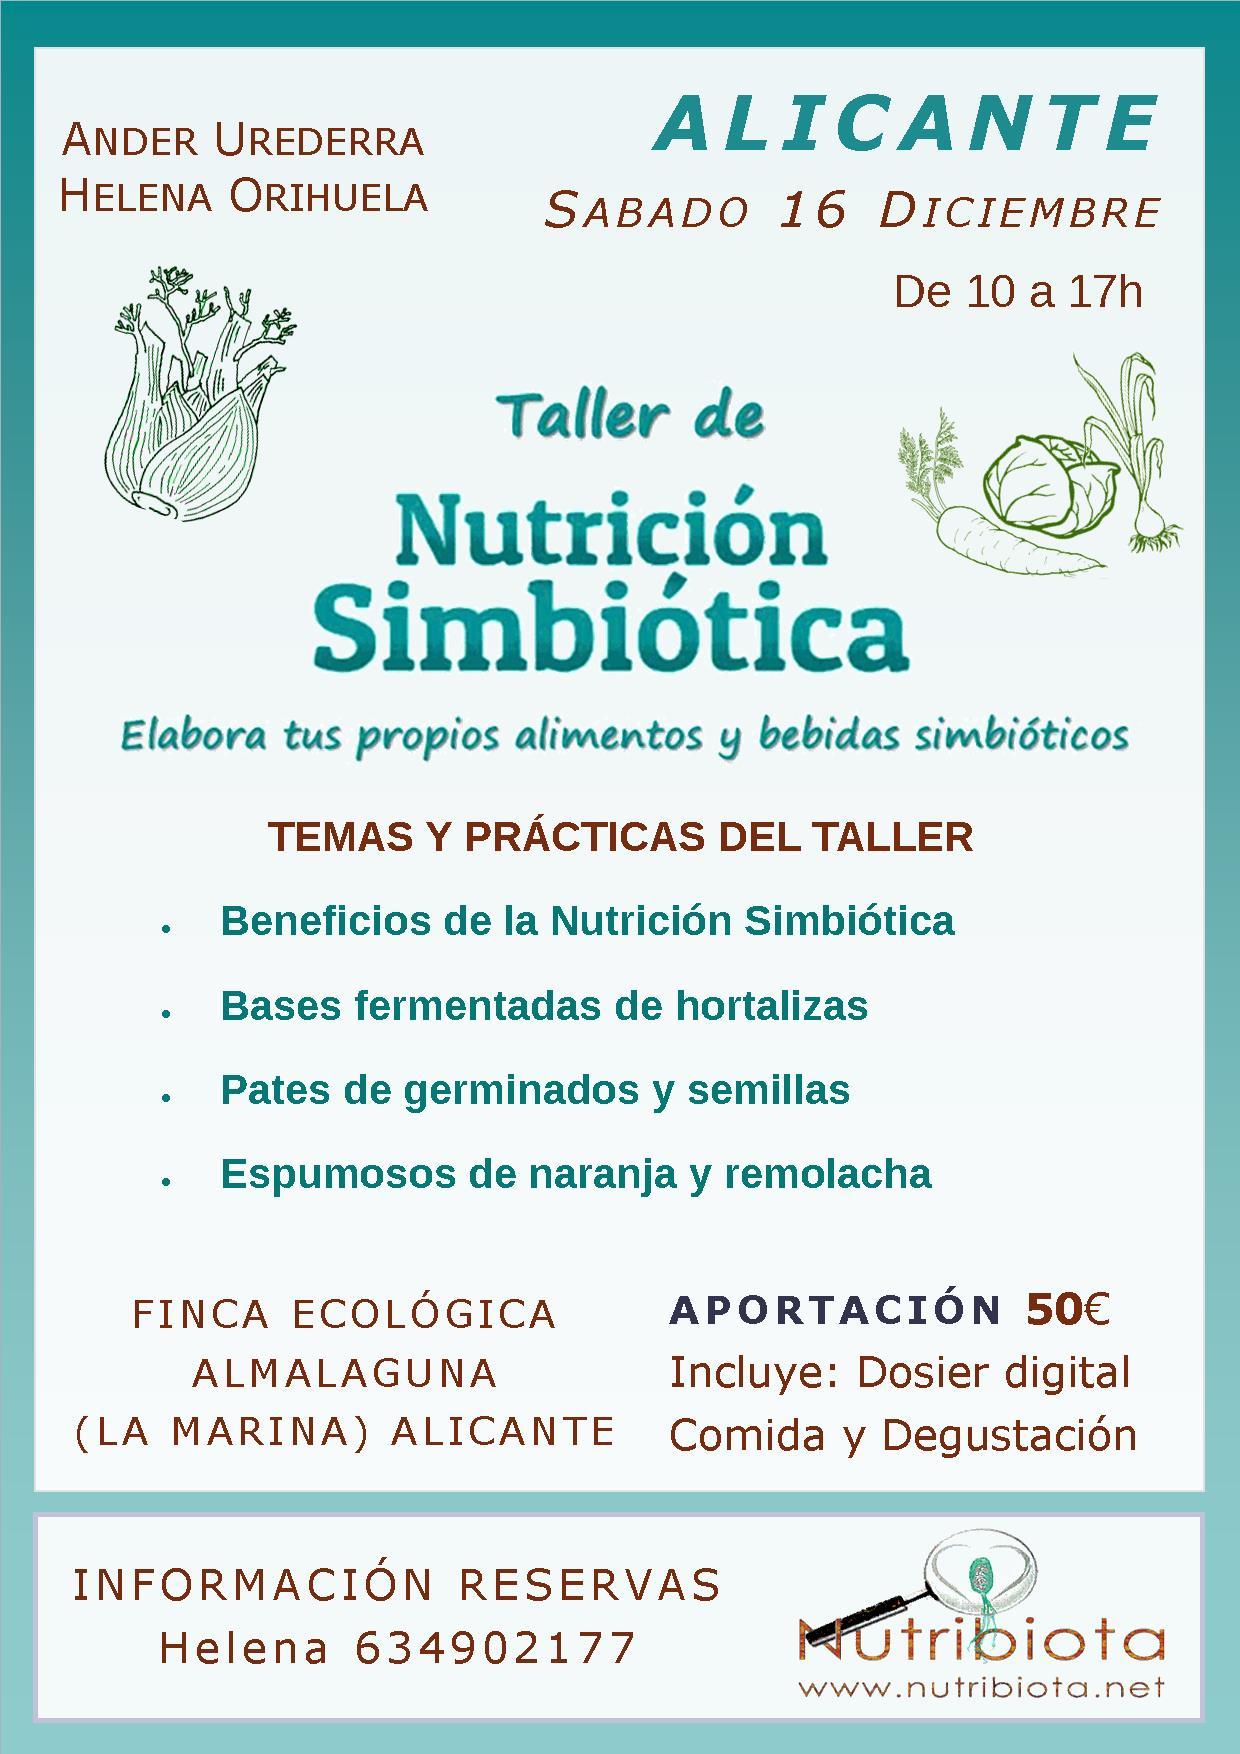 Taller de Nutrición Simbiótica en Alicante @ Casa ecológica AlmaLaguna | La Marina | Comunidad Valenciana | España